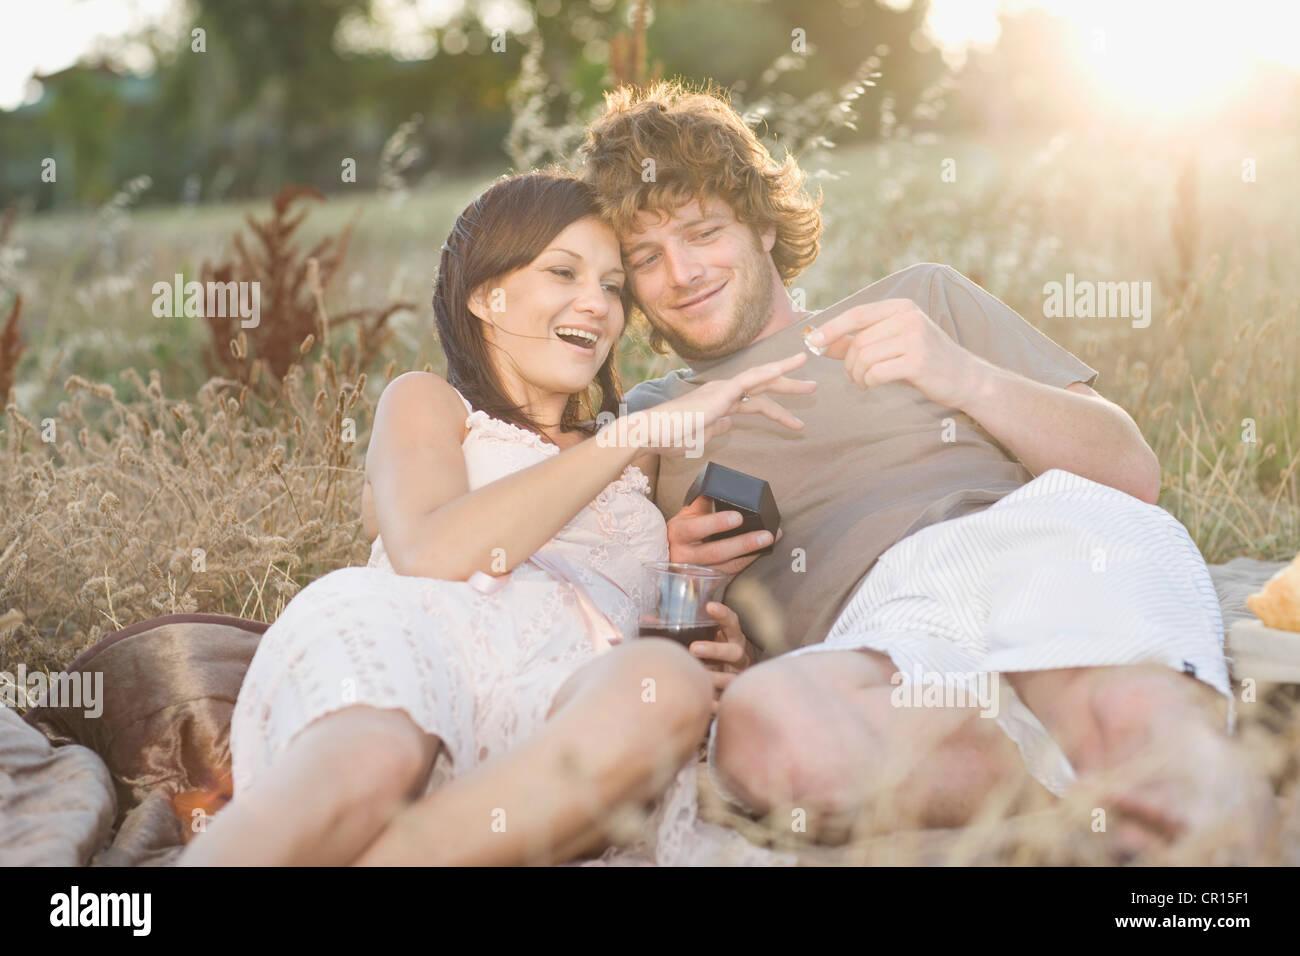 L'homme qui se propose d'amie at picnic Photo Stock